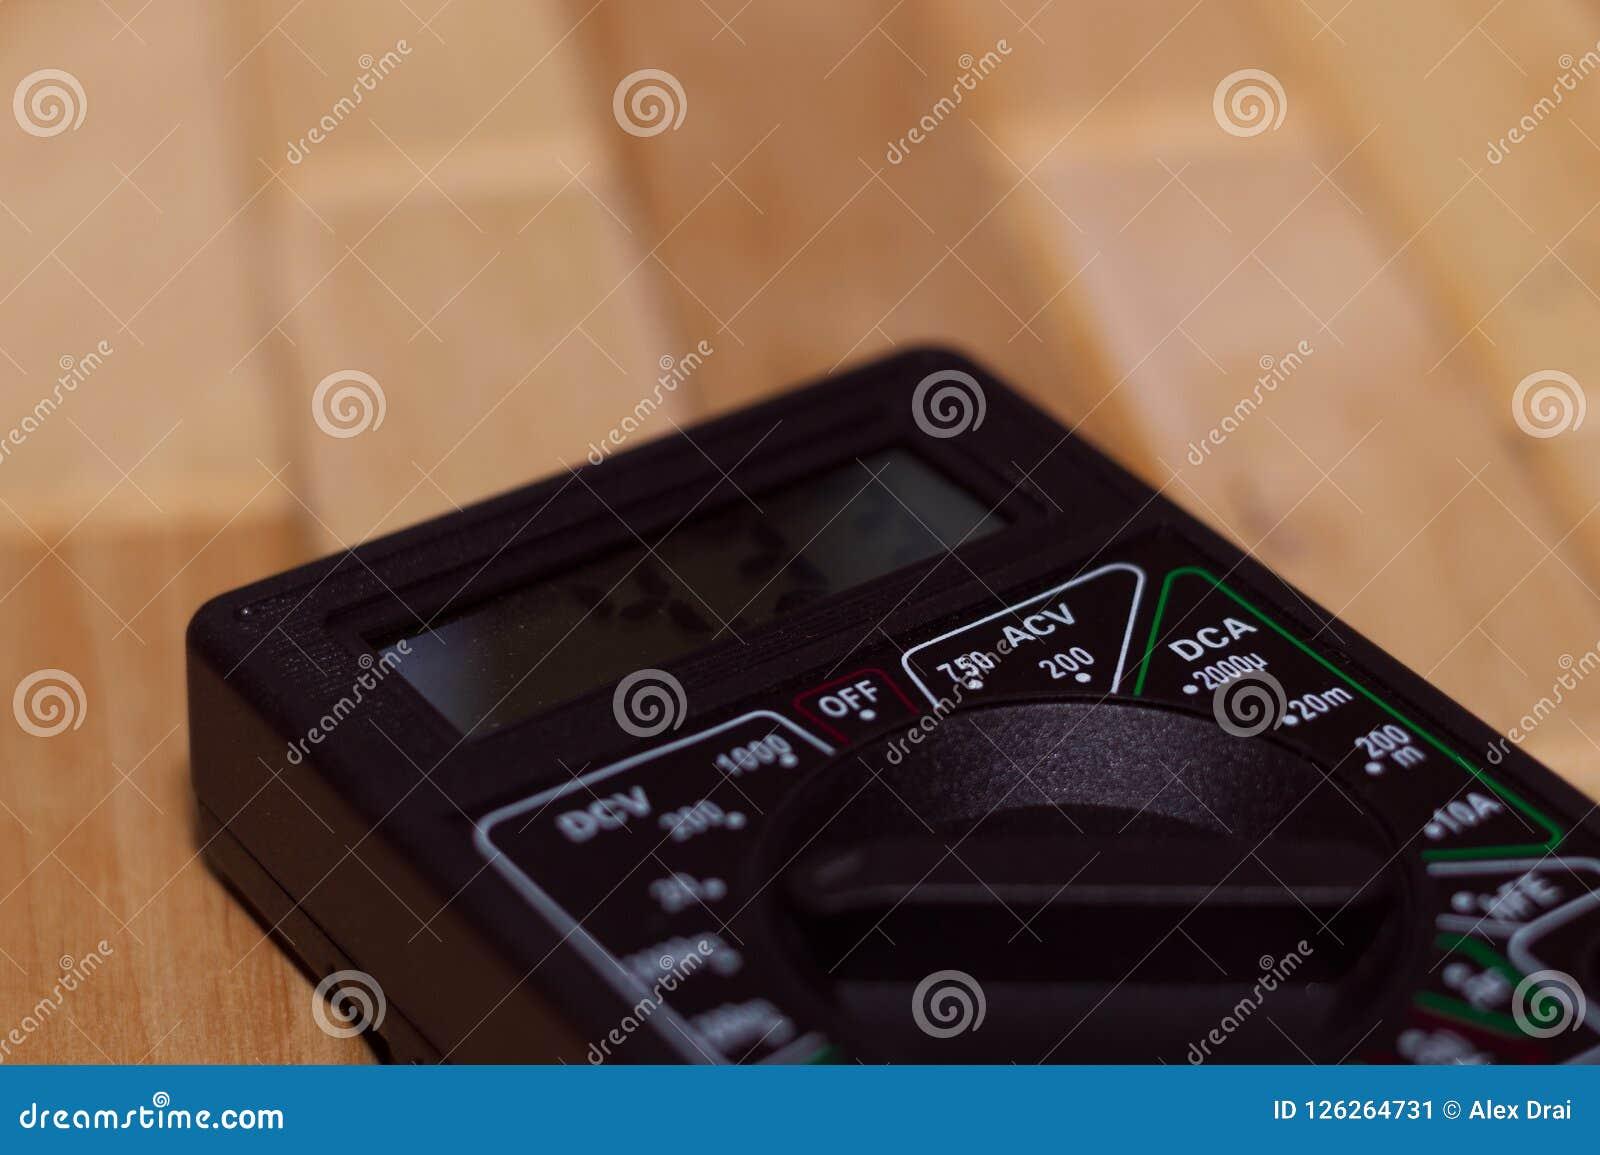 Digital mesurant le multimètre sur le plancher en bois Il montre 4 33V ou batterie entièrement chargée Inclut le voltmètre, amper